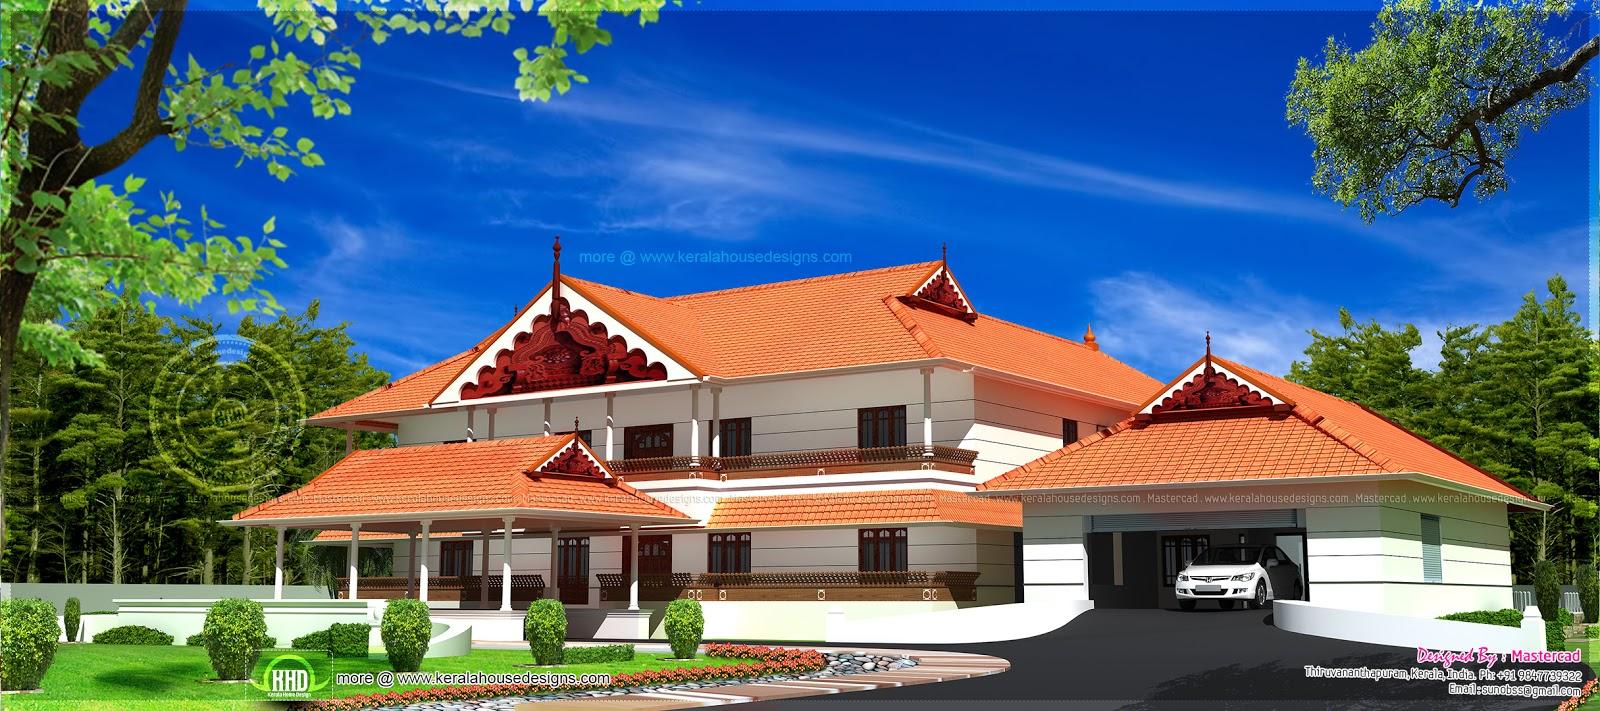 kerala style super luxury house home kerala plans